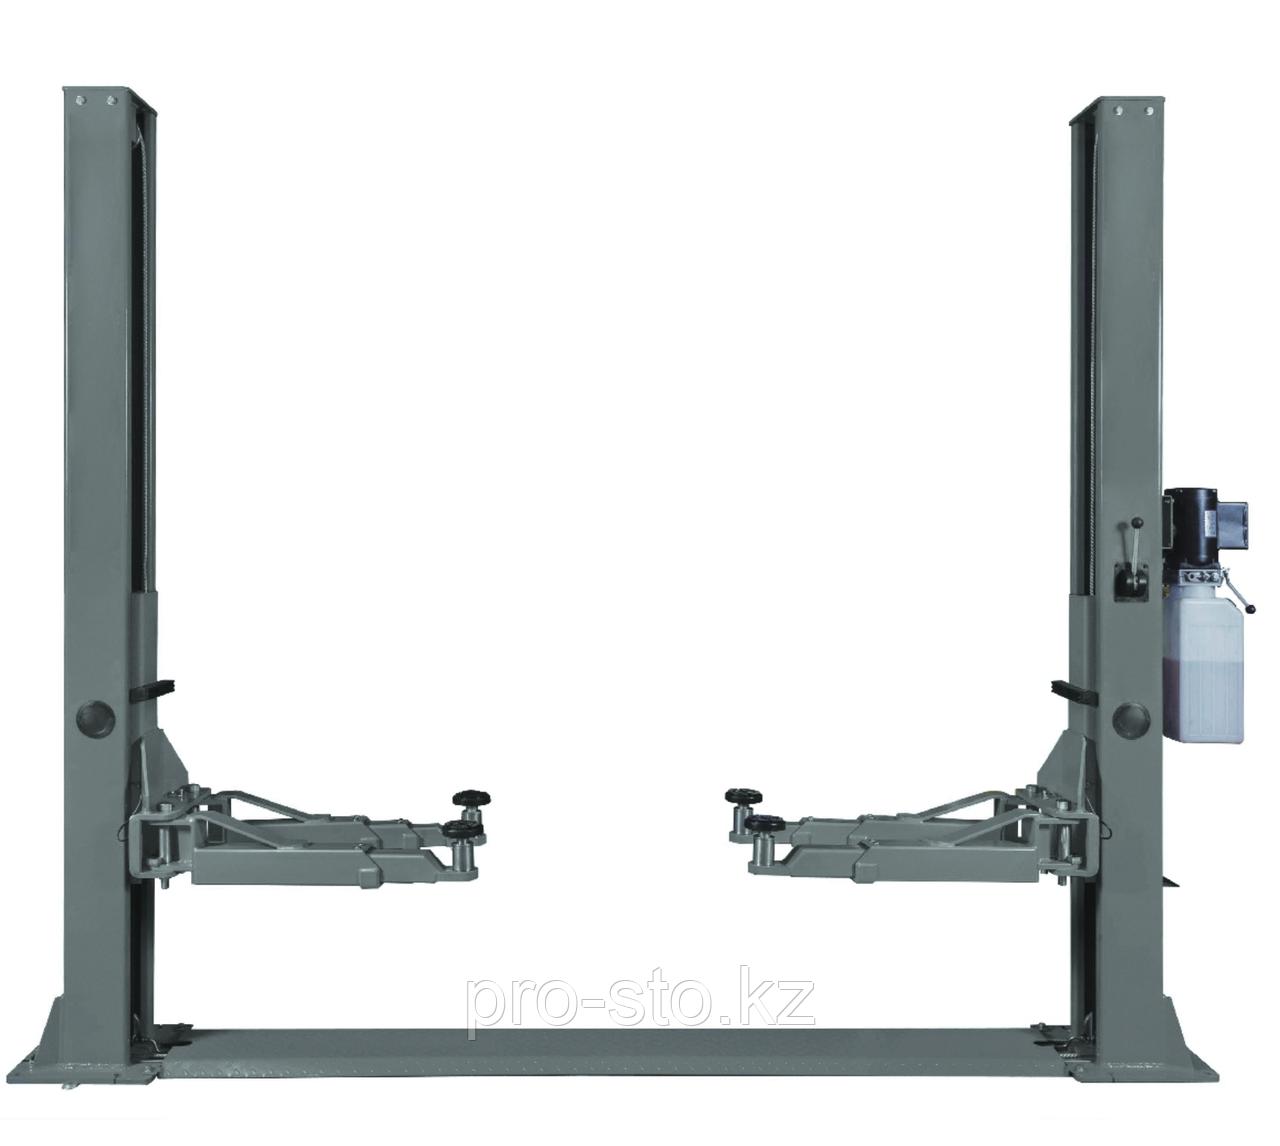 Подъемник двухстоечный г/п 4000 кг. электрогидравлический KraftWell